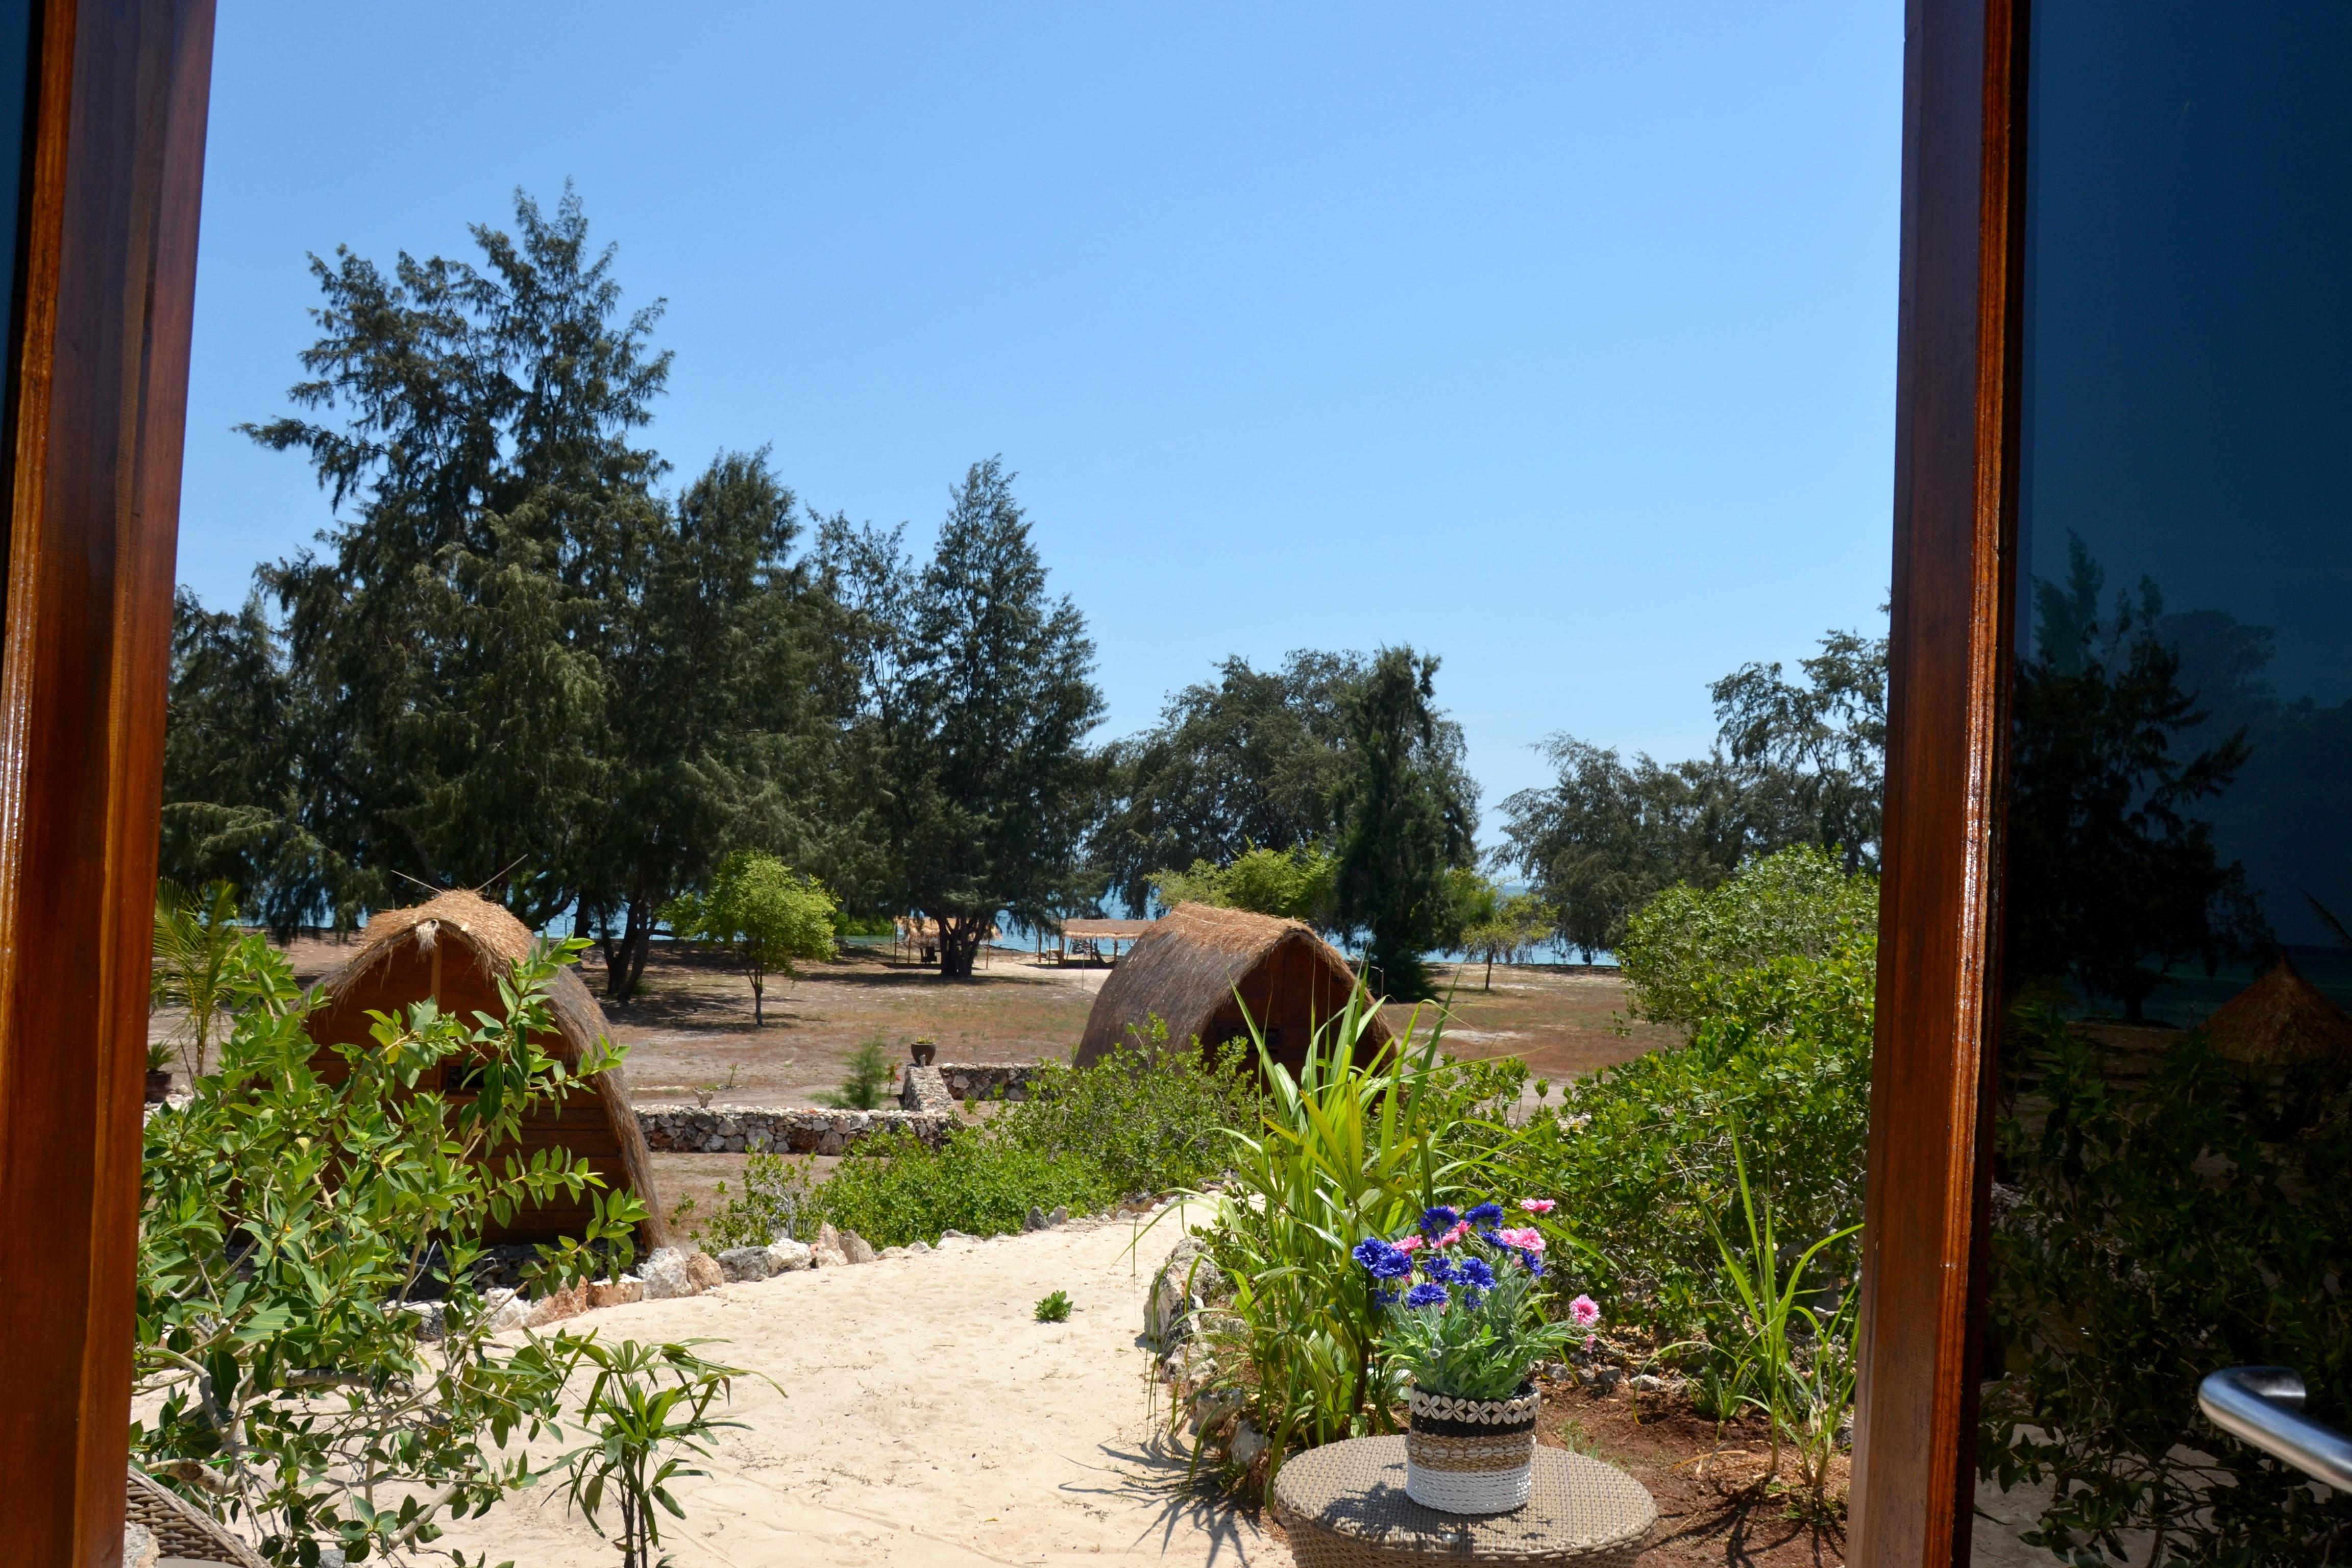 vue interieur bungalow